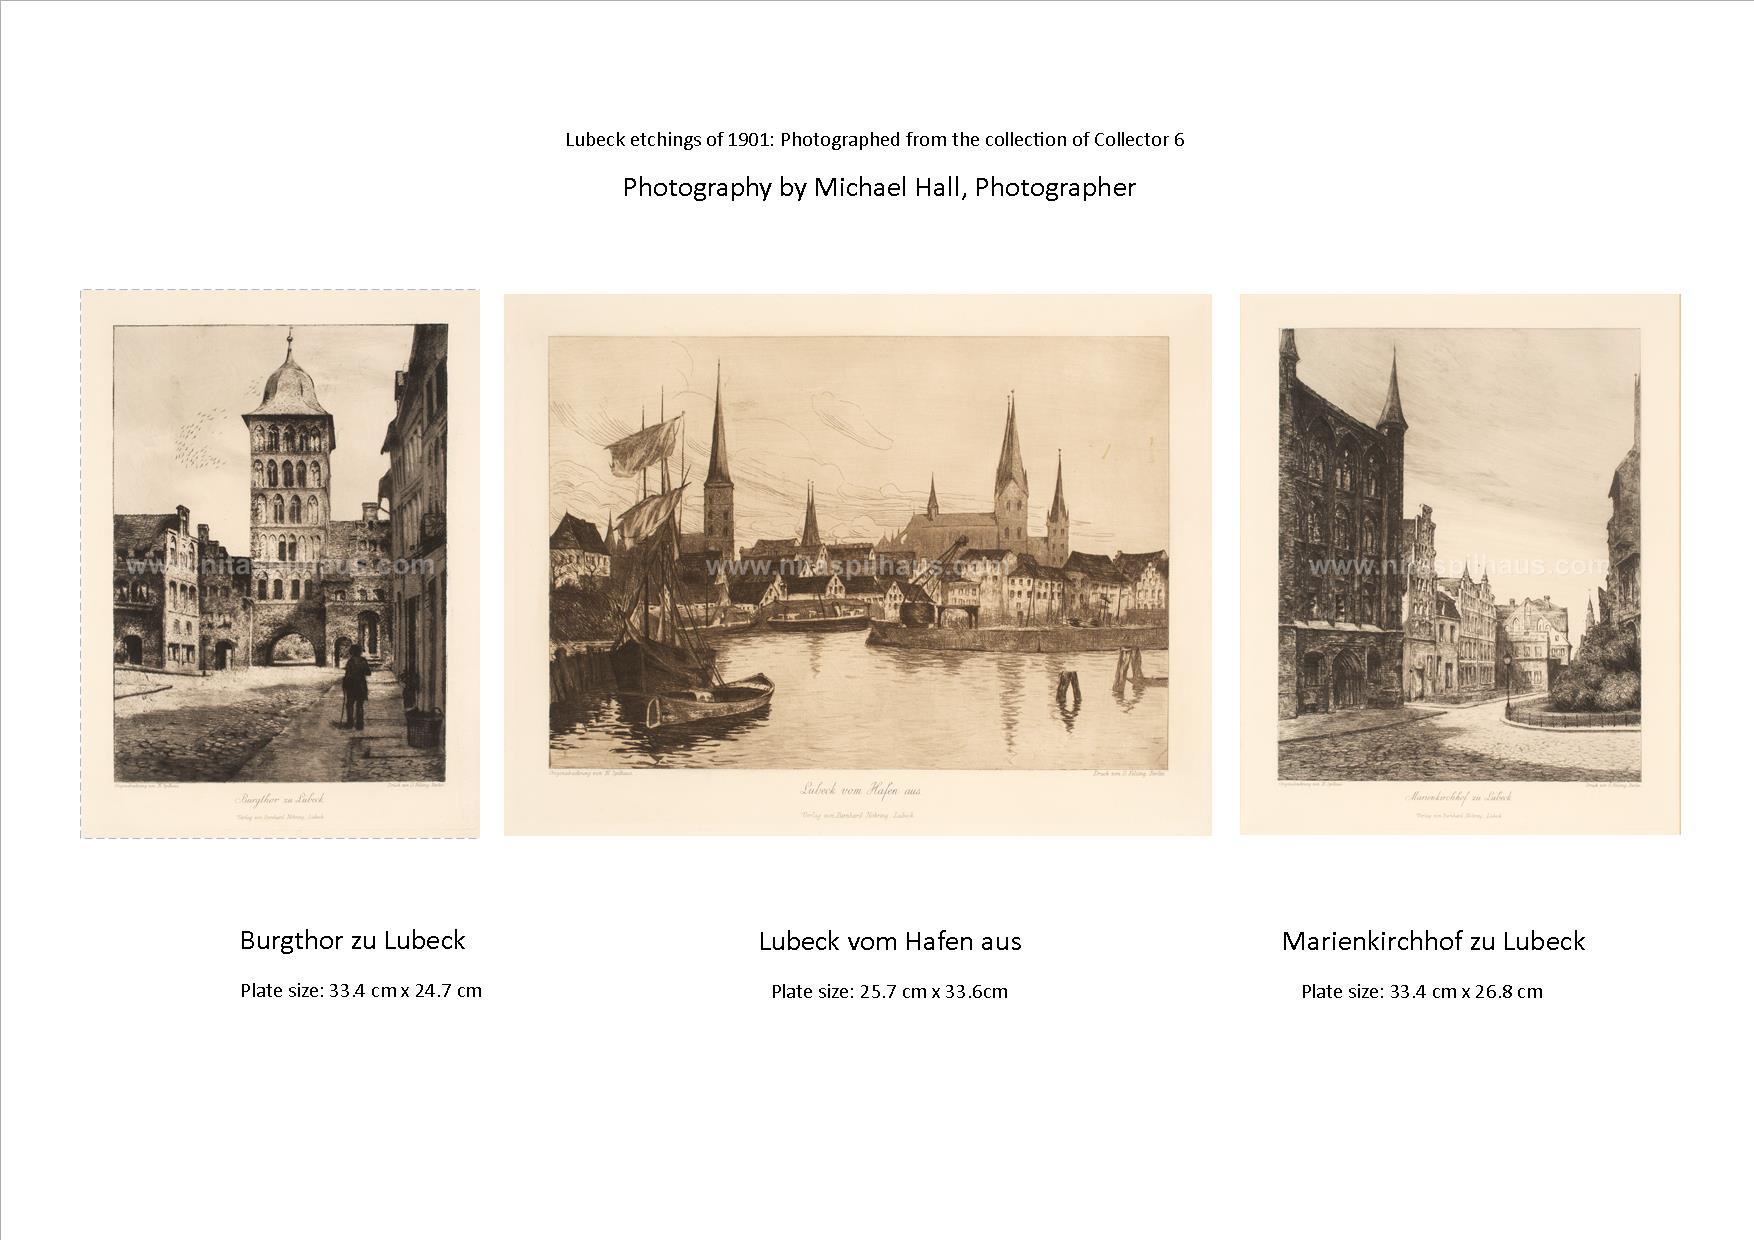 Lubeck Etchings p 2.jpg